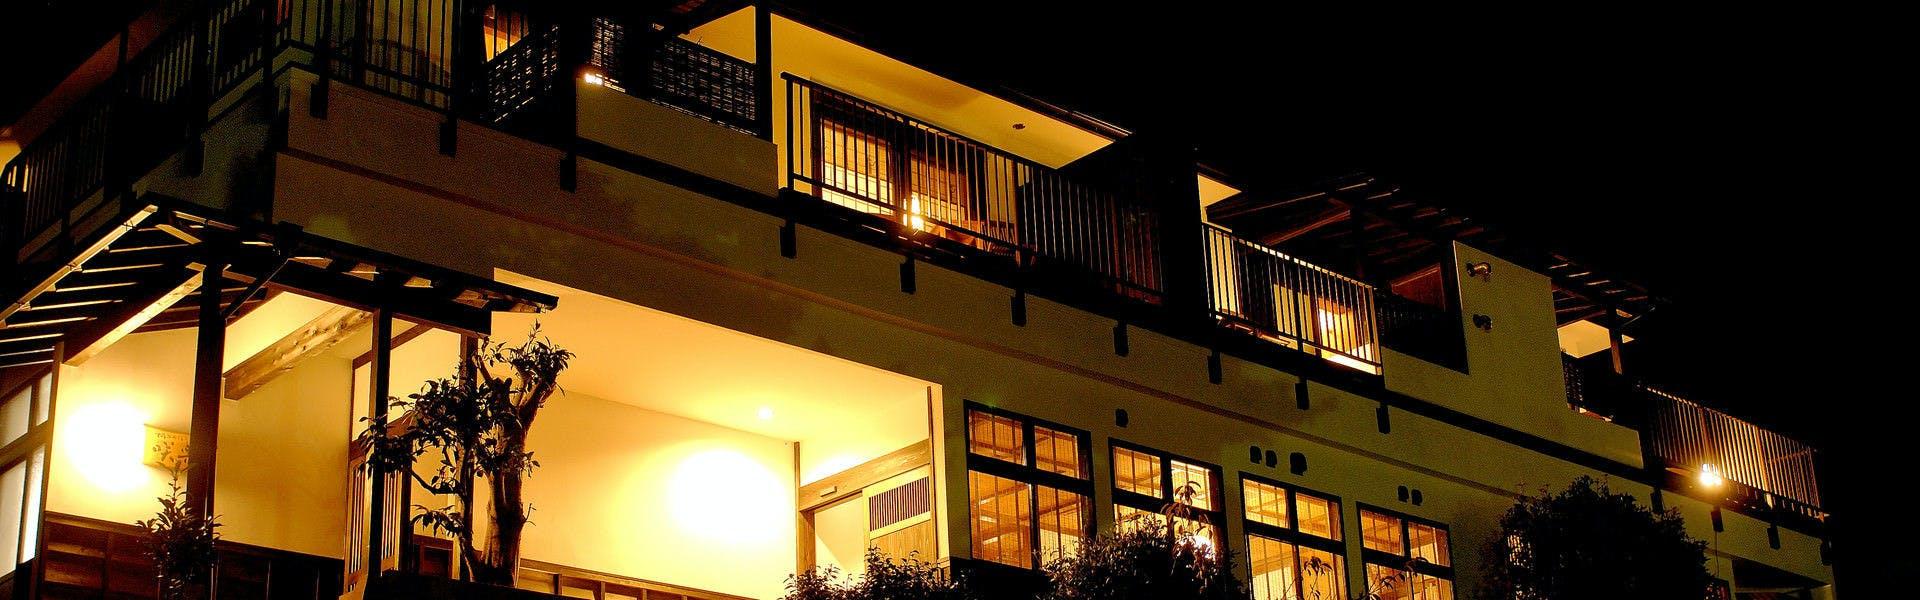 記念日におすすめのホテル・今井浜温泉 桐のかほり 咲楽の写真1